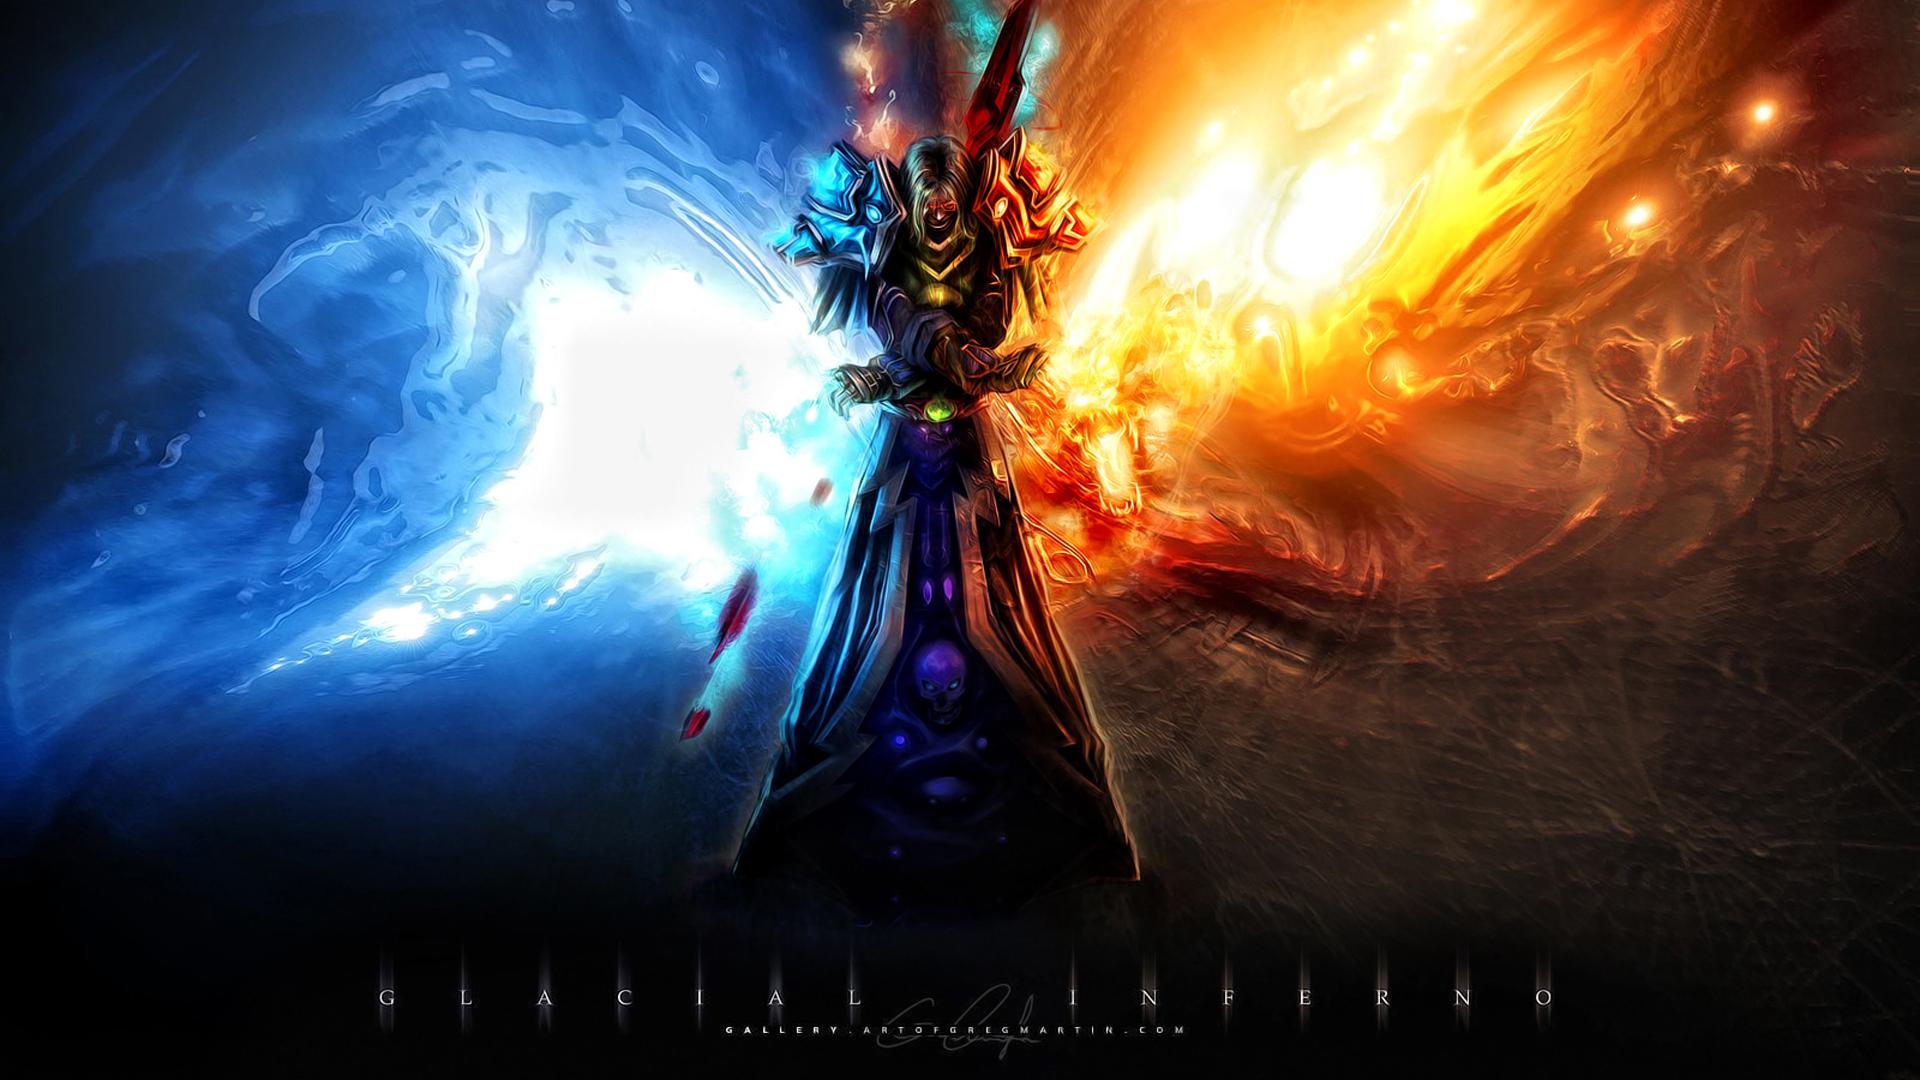 World Of Warcraft Desktop Wallpaper: Wow Desktop Backgrounds